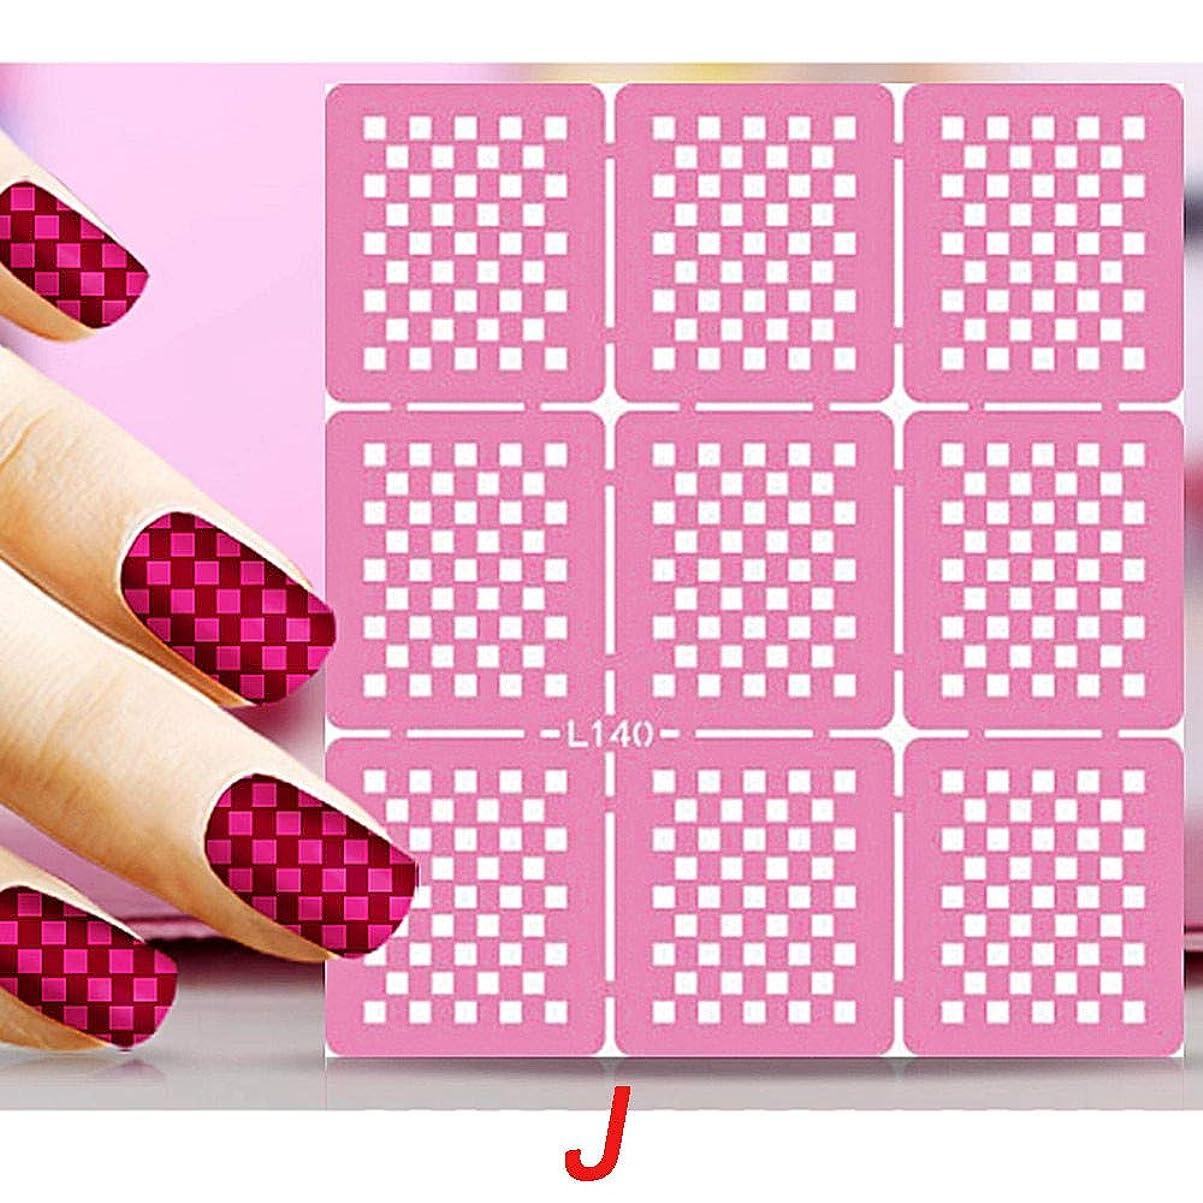 打ち負かすレディロゴDream ネイルステッカー 貼るだけ おしゃれ カラフル 花 レーザーステッカー ジェルネイルシール マニキュア ネイルストリップ 貼るだけ マニキュア ネイルラップ レディース プレゼント ピンク 可愛い (J)